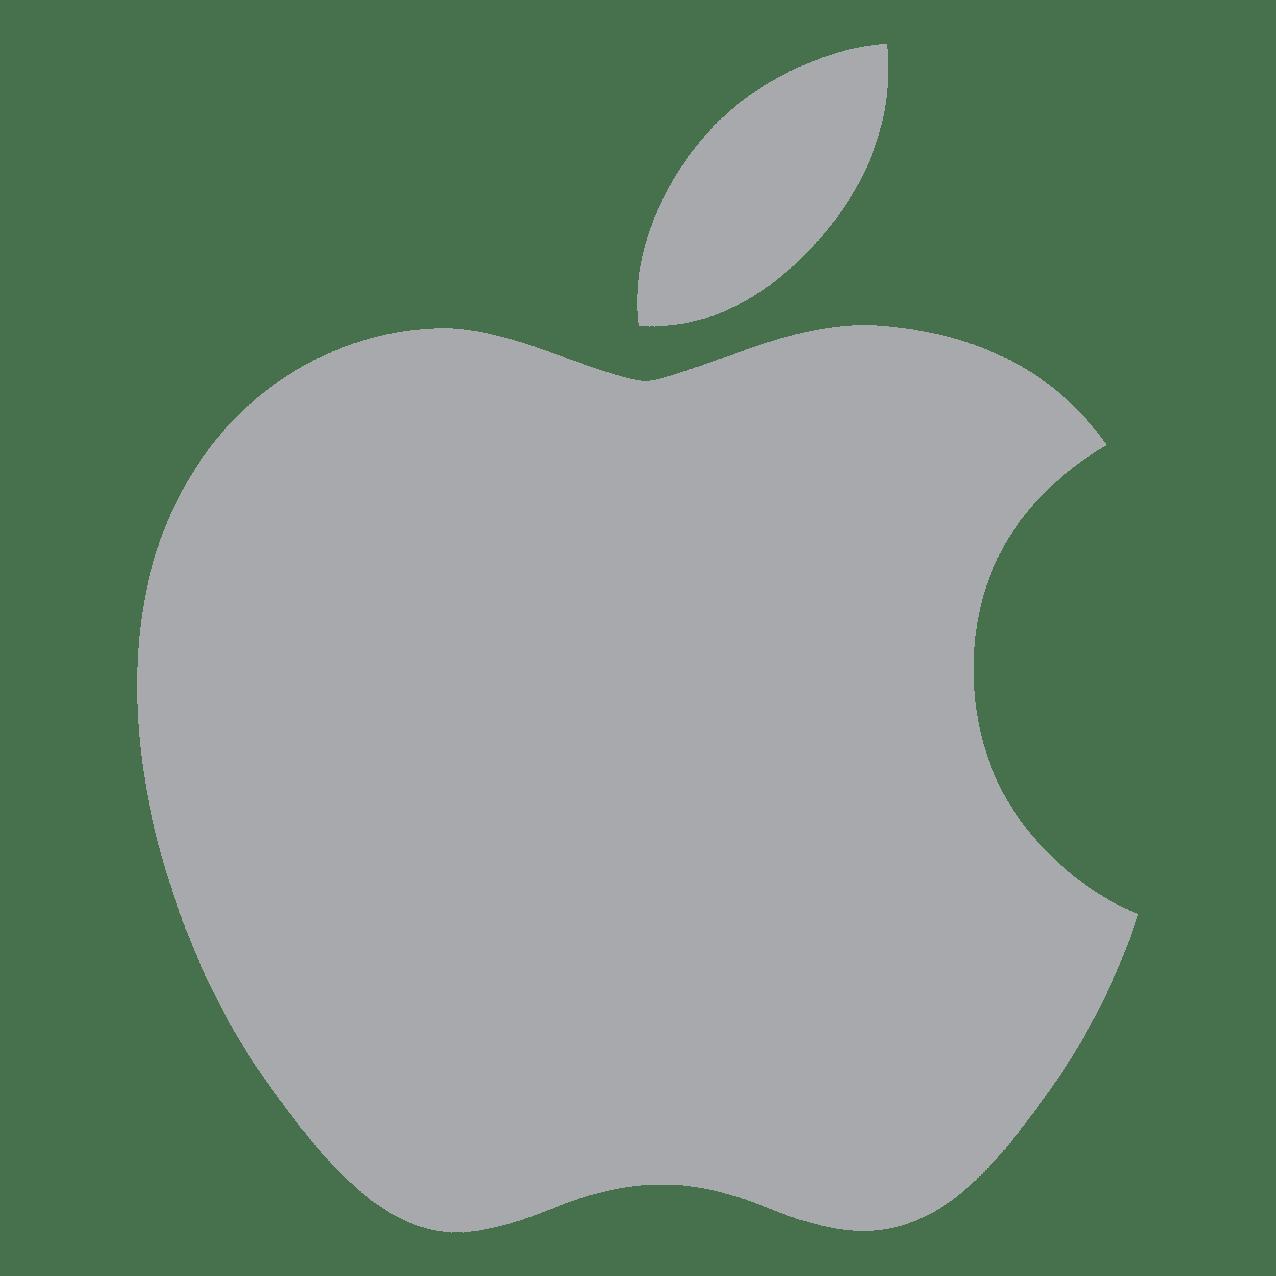 Apple Remote Wipe